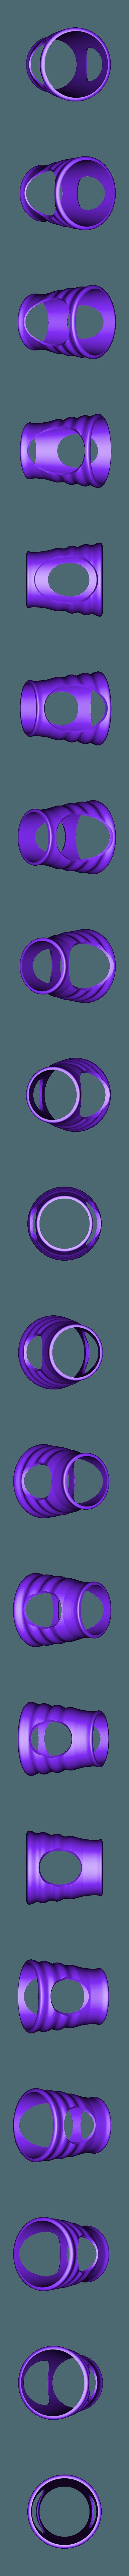 pink_cup_holder.STL Download free STL file paper cup holders • 3D printer model, Baldshall